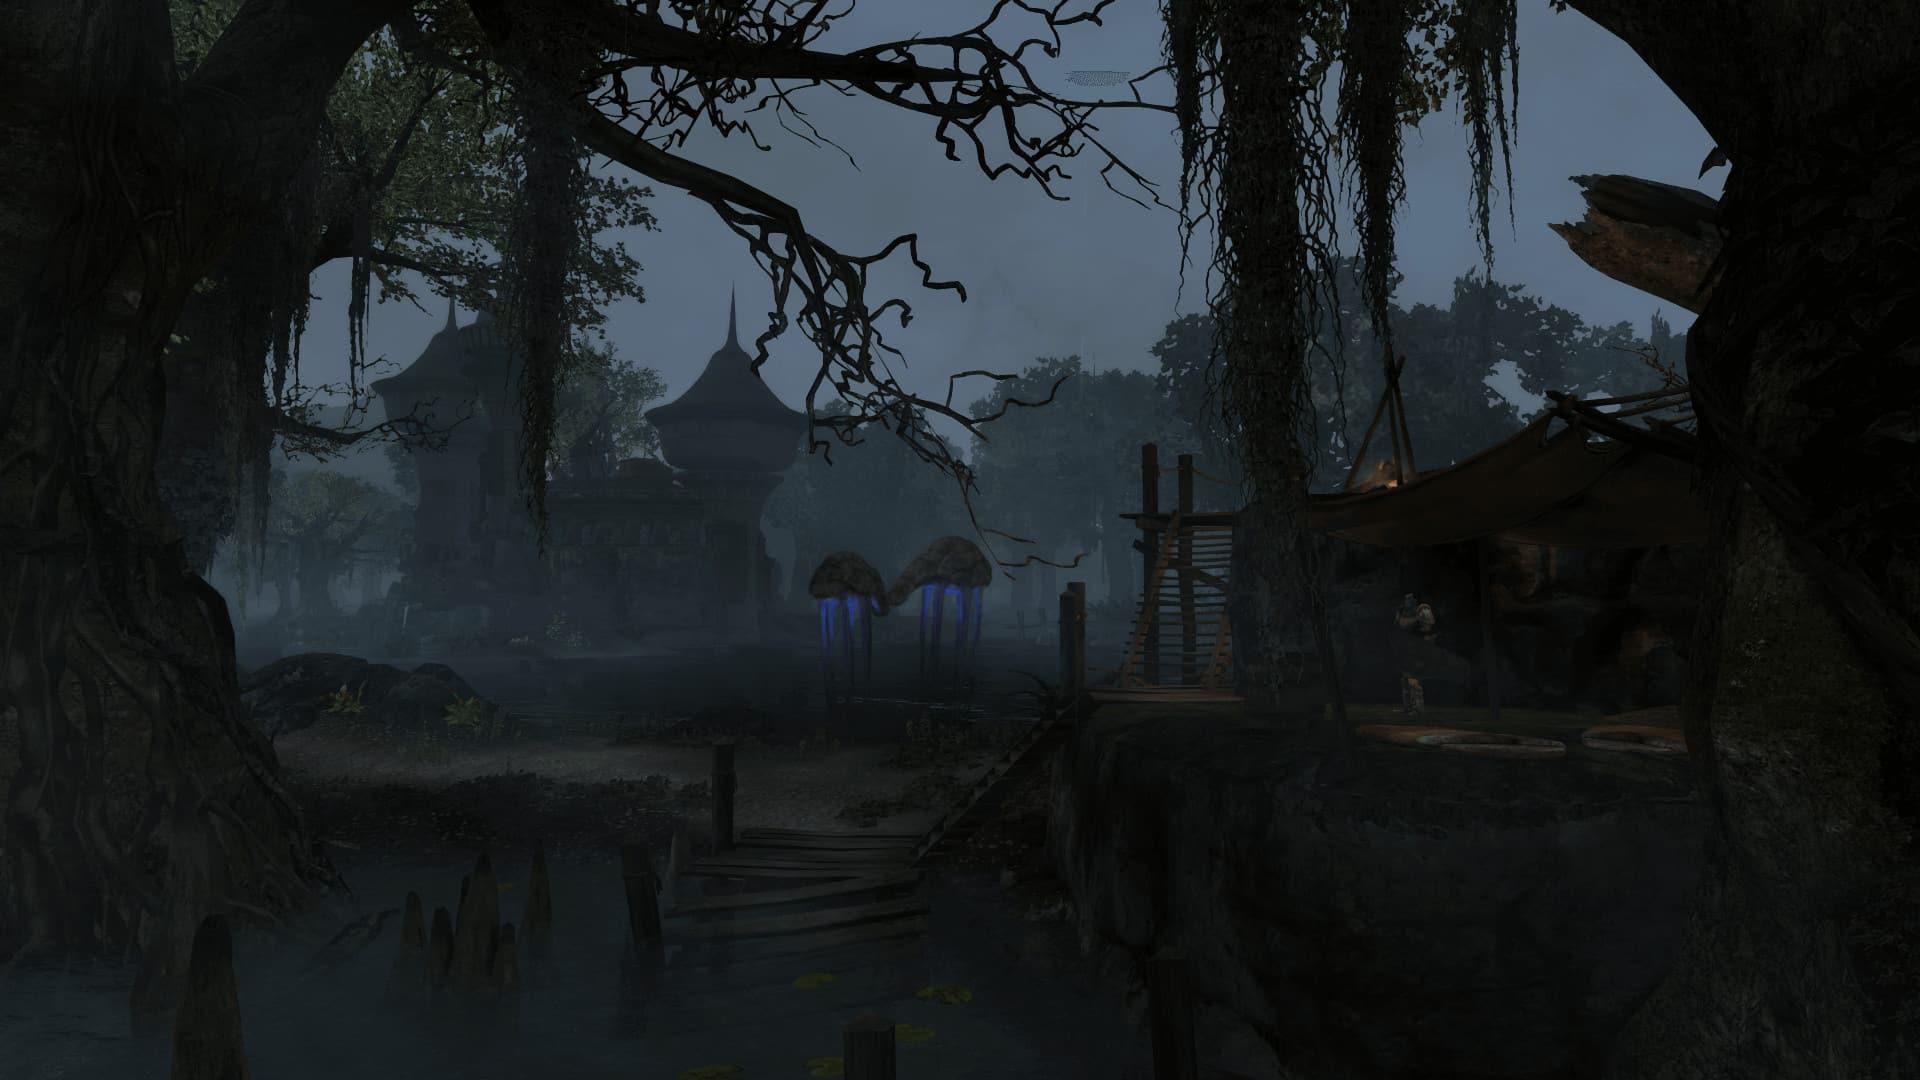 TESRenewal, Skywind, Skyrim, Morrowind, The Elder Scrolls